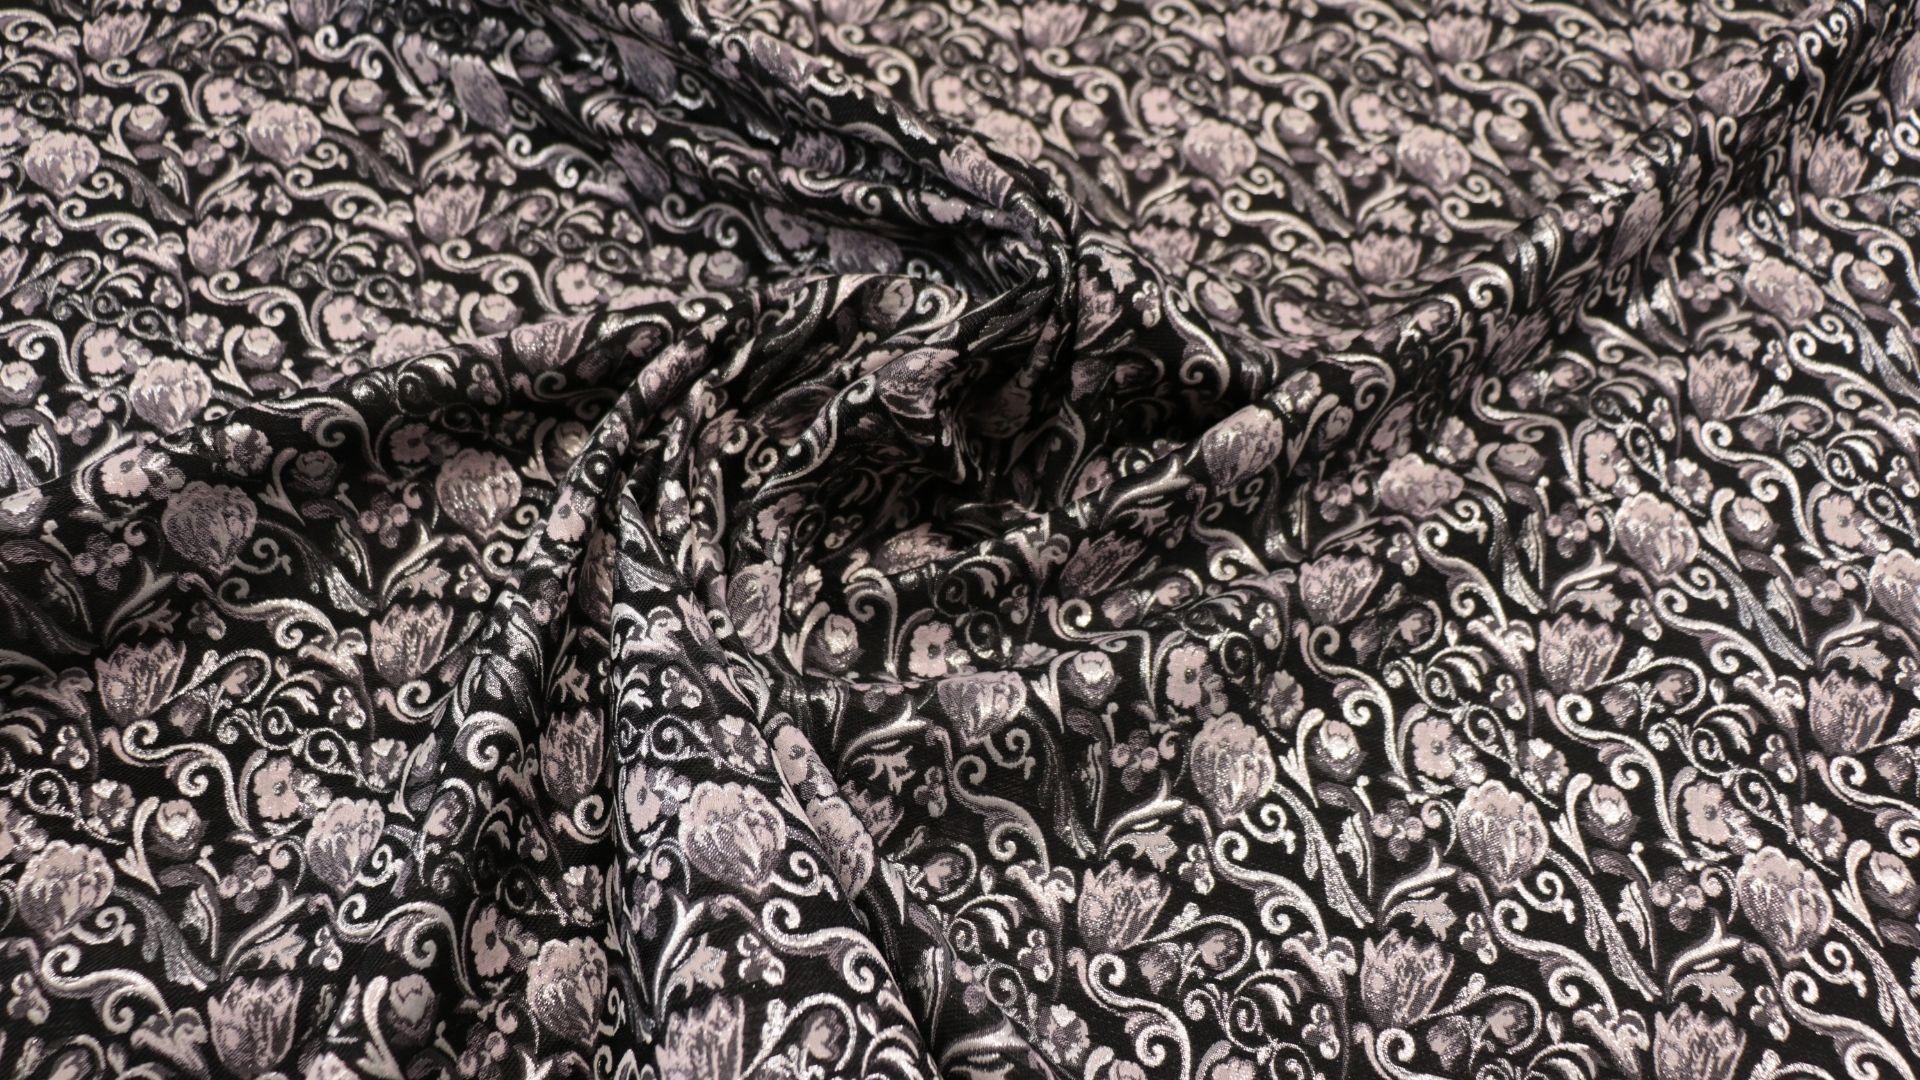 il particolare del tessuto sunny, appartenente alla categoria fantasie broccati, di Leadford & Logan